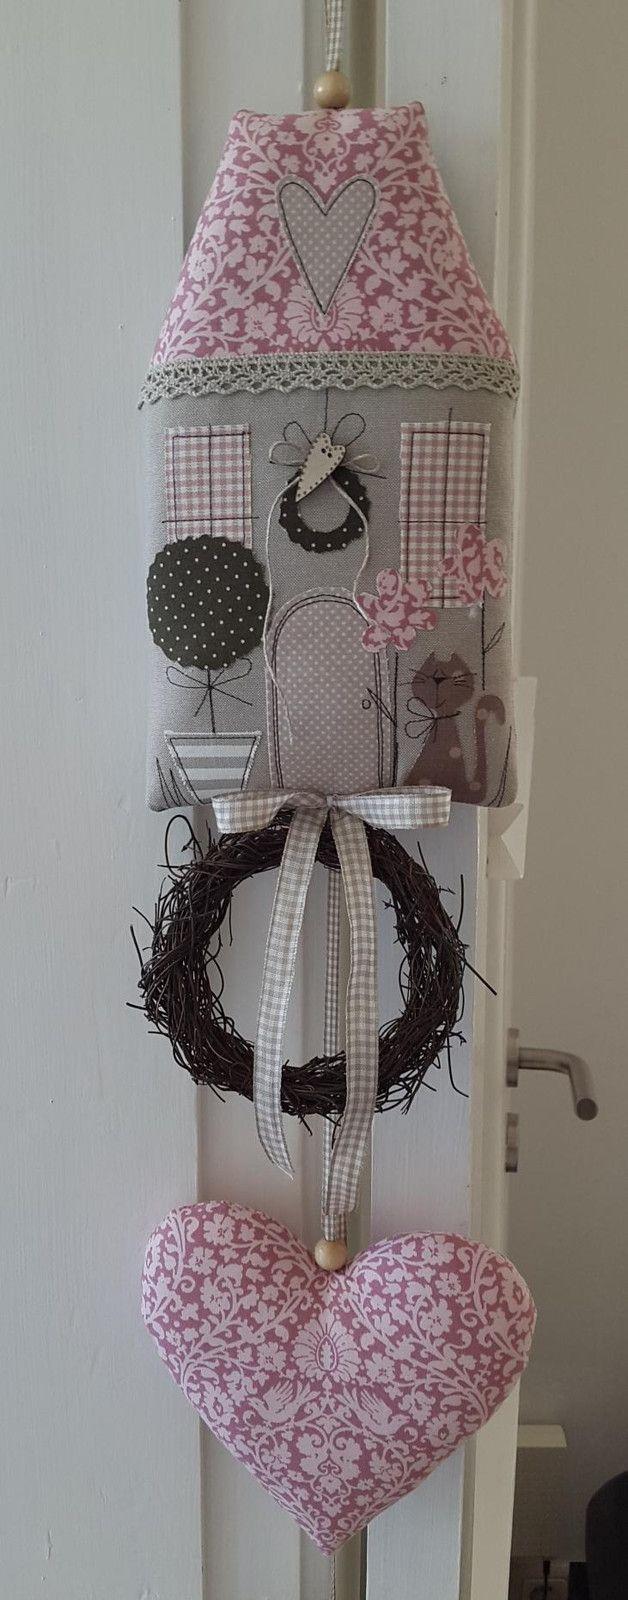 Die besten 25 patchwork ideen auf pinterest patchwork muster patchwork taschen und patchwork - Patchwork ideen ...